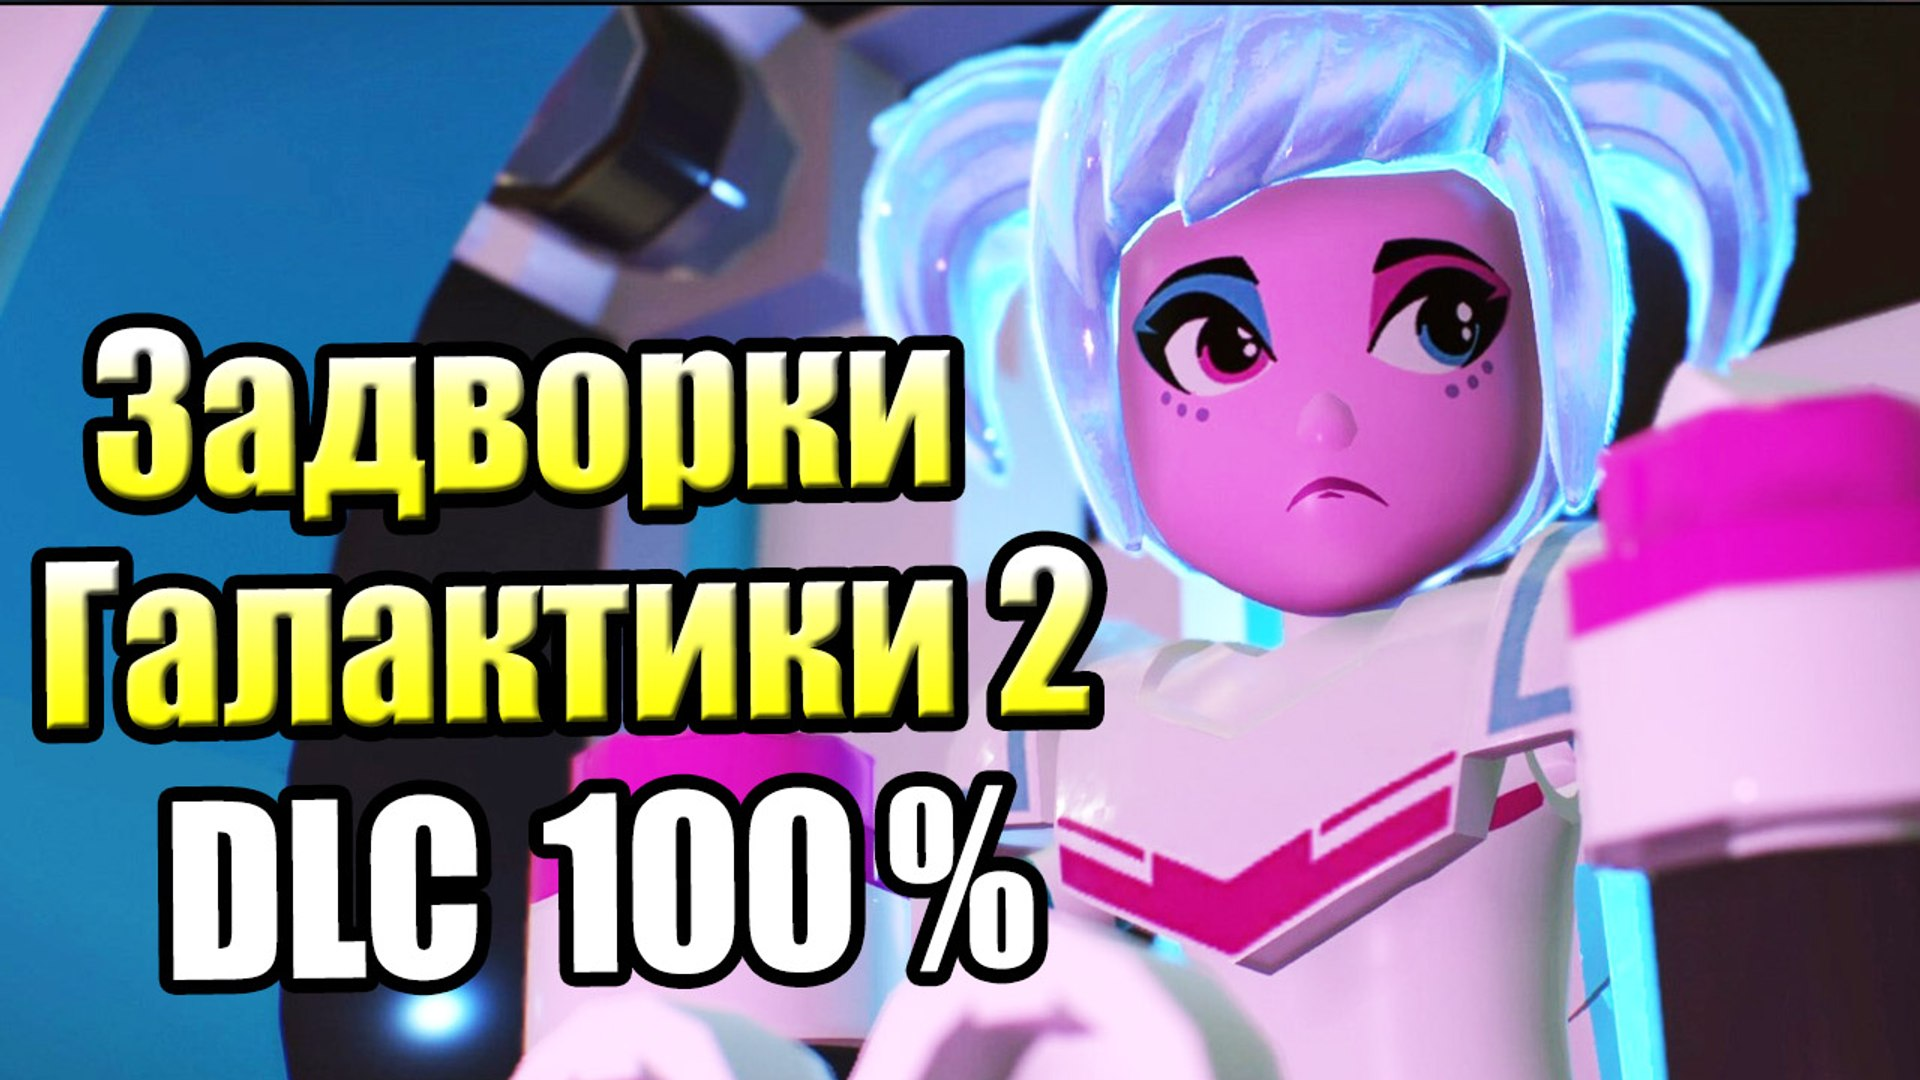 The LEGO Movie 2 Videogame - Задворки Галактики Королевский Дворец DLC на 100% прохождение #27 {PC}